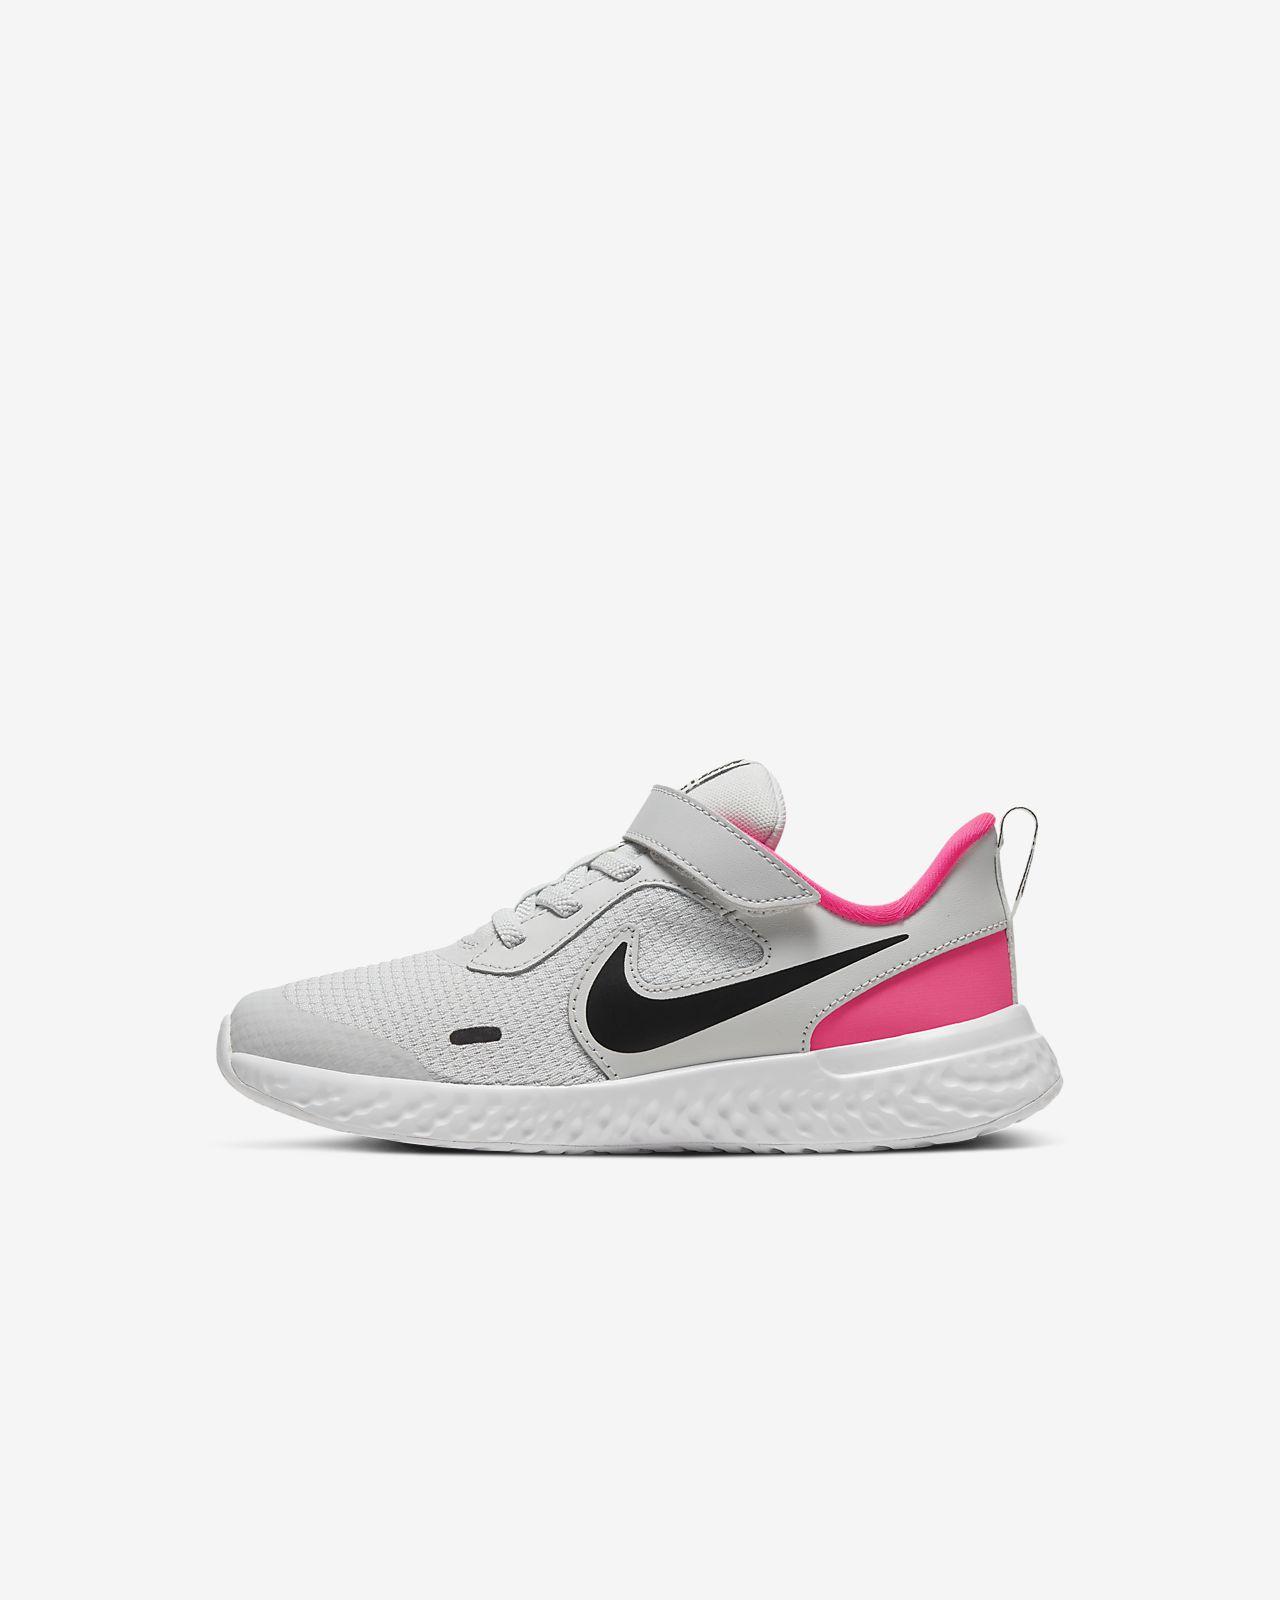 Calzado para niños talla pequeña Nike Revolution 5